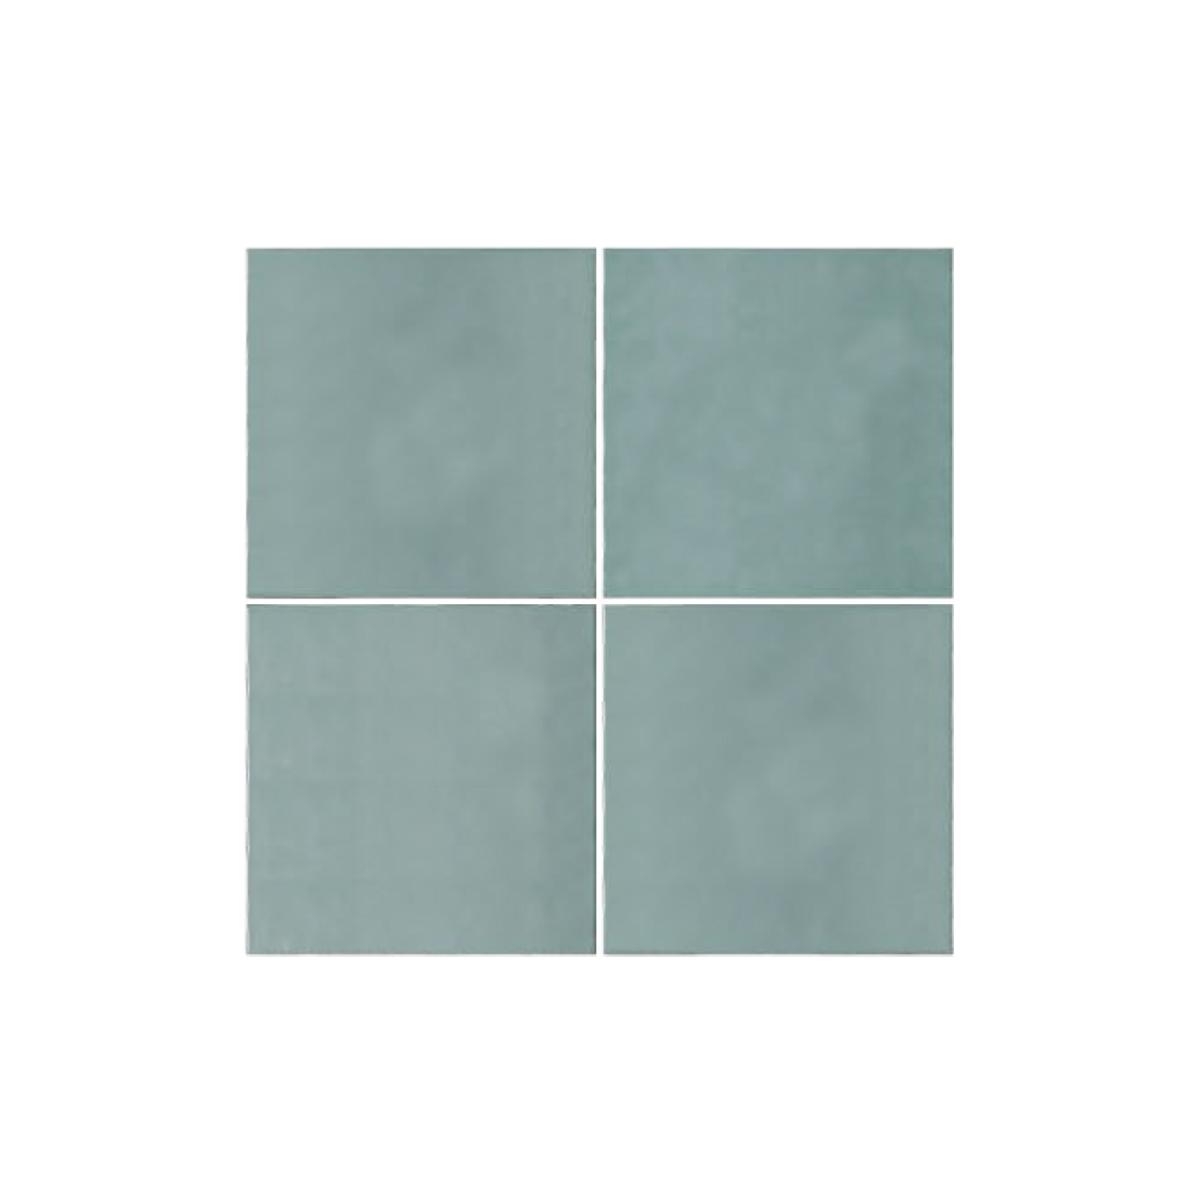 Casablanca - Mint - Square Feature Tiles - 120x120mm